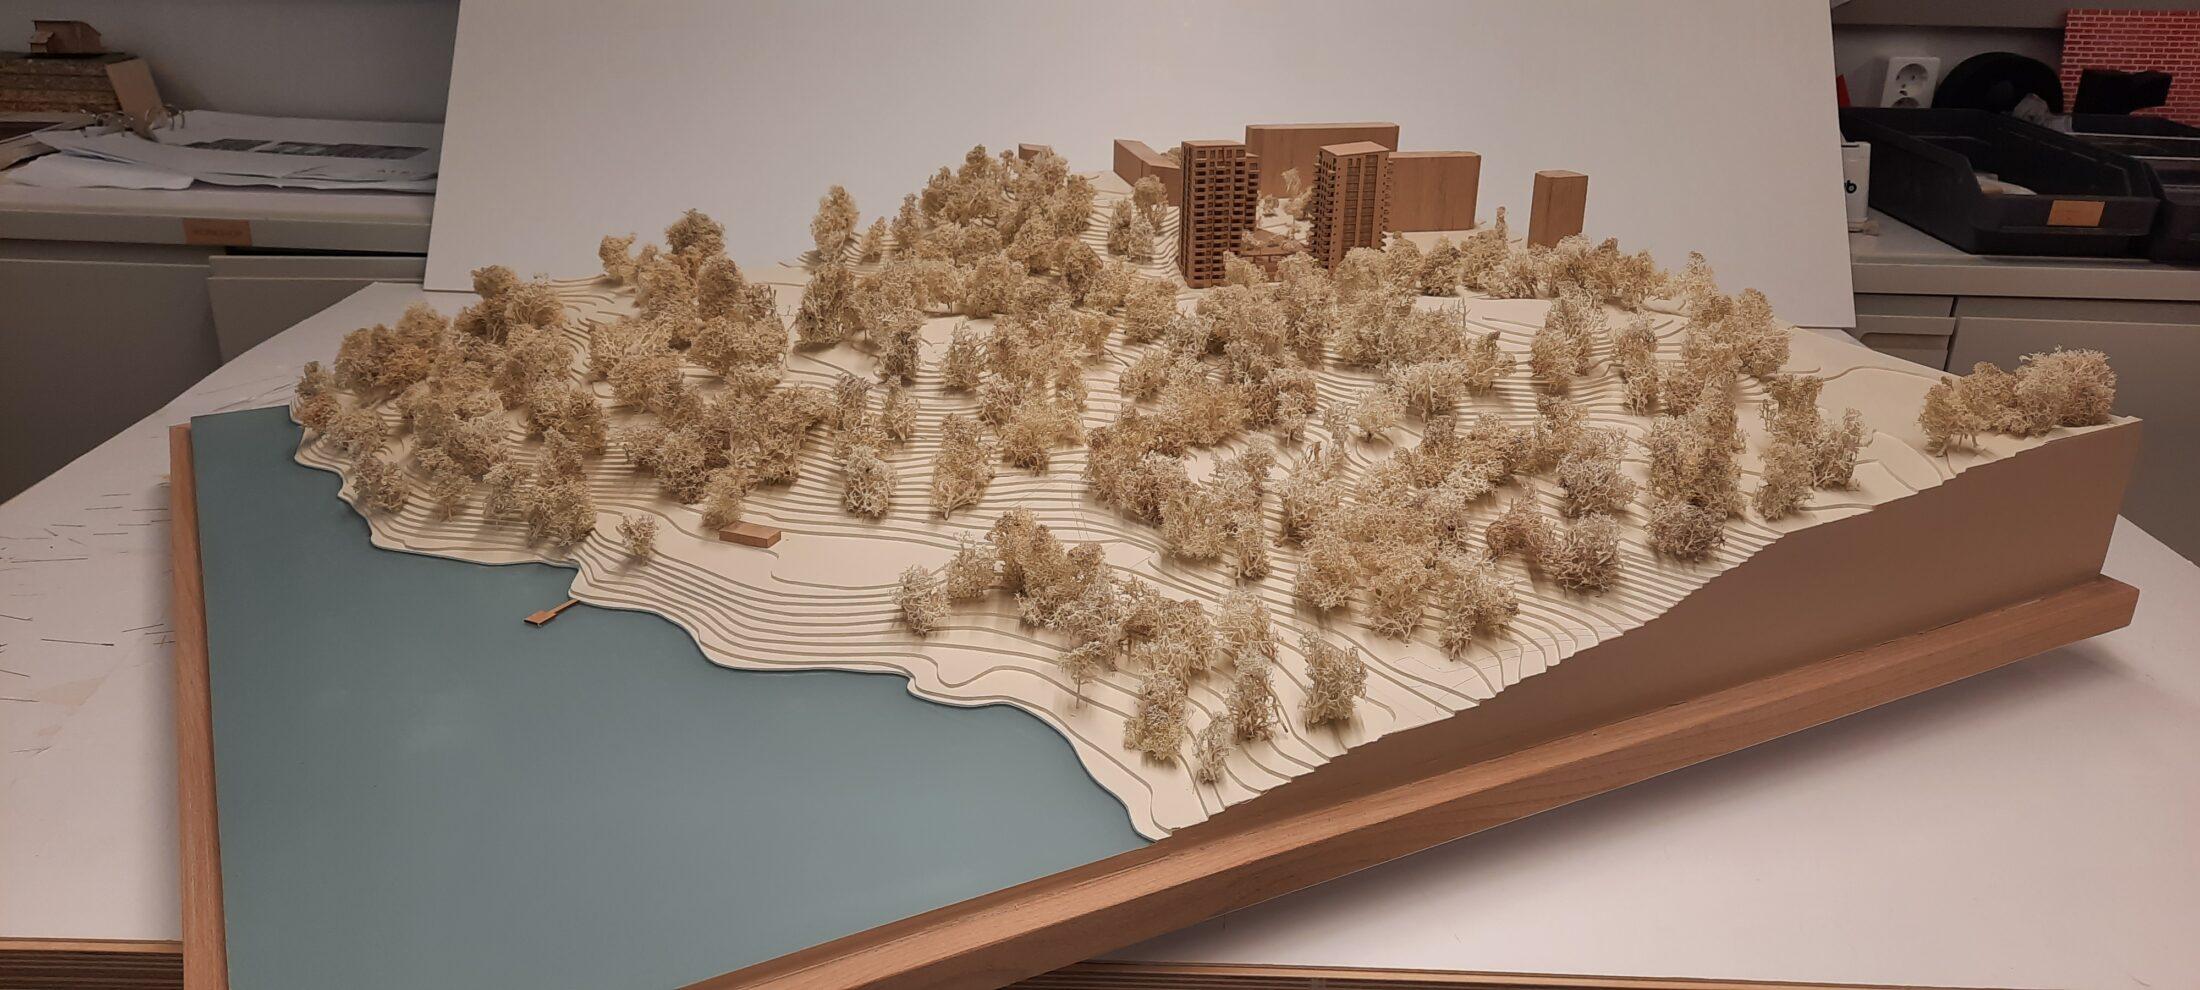 Fysisk modell av Vårfrugillet, Nyréns modellverkstad